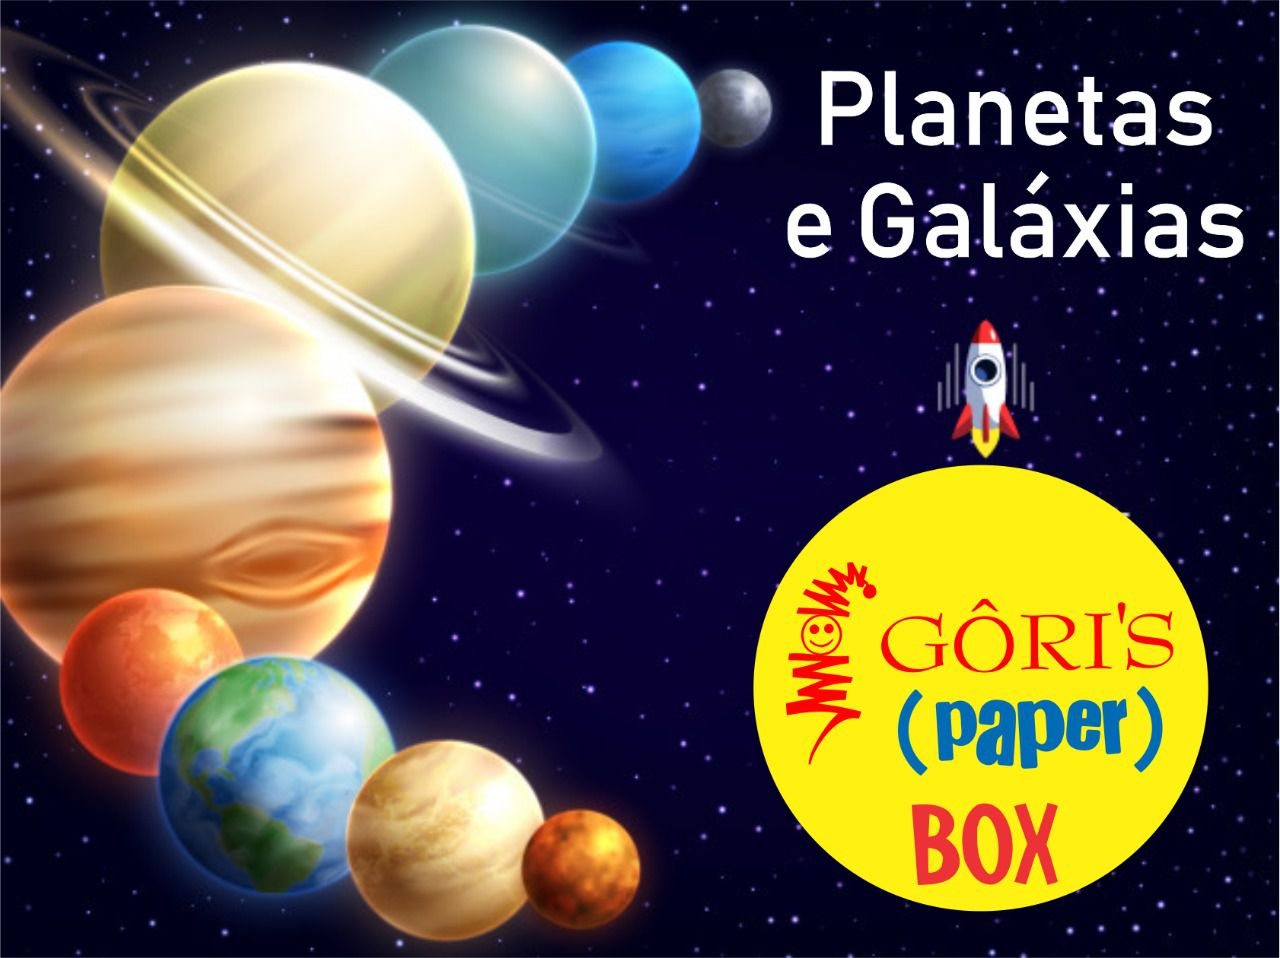 Box Mensal 5 Edição Planetas e Galáxias